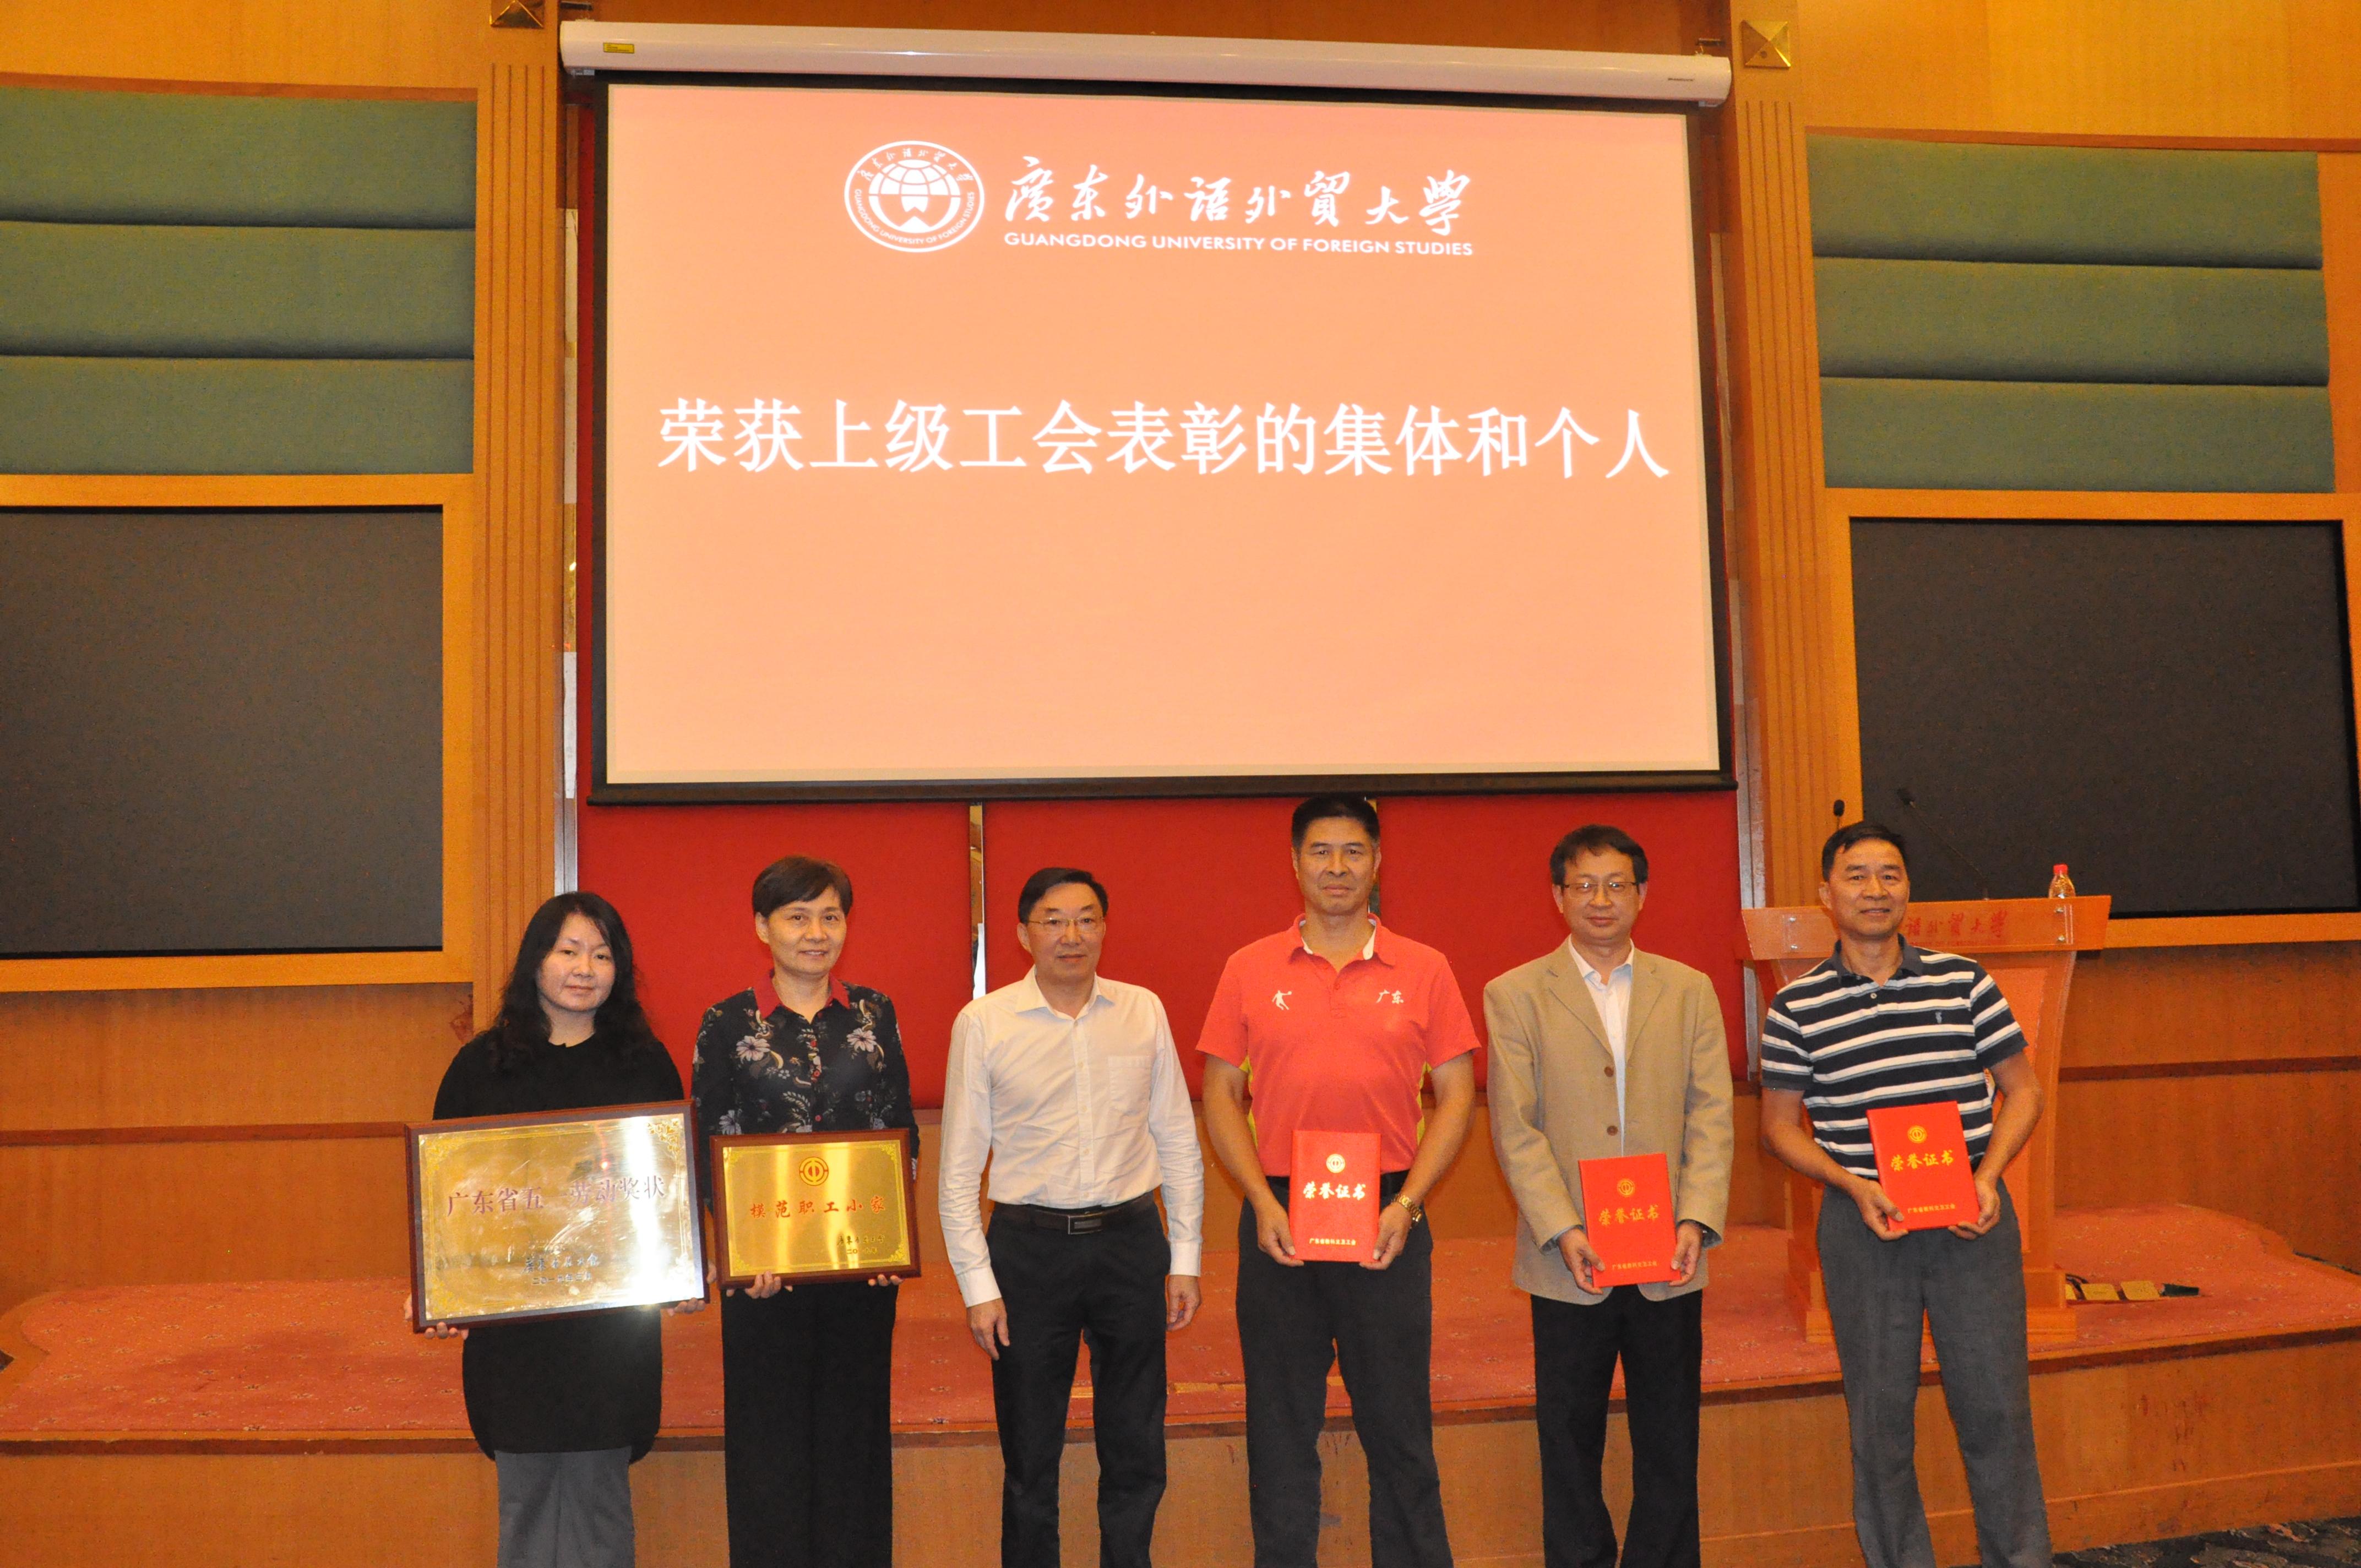 李云明为荣获上级工会表彰的集体和个人颁奖